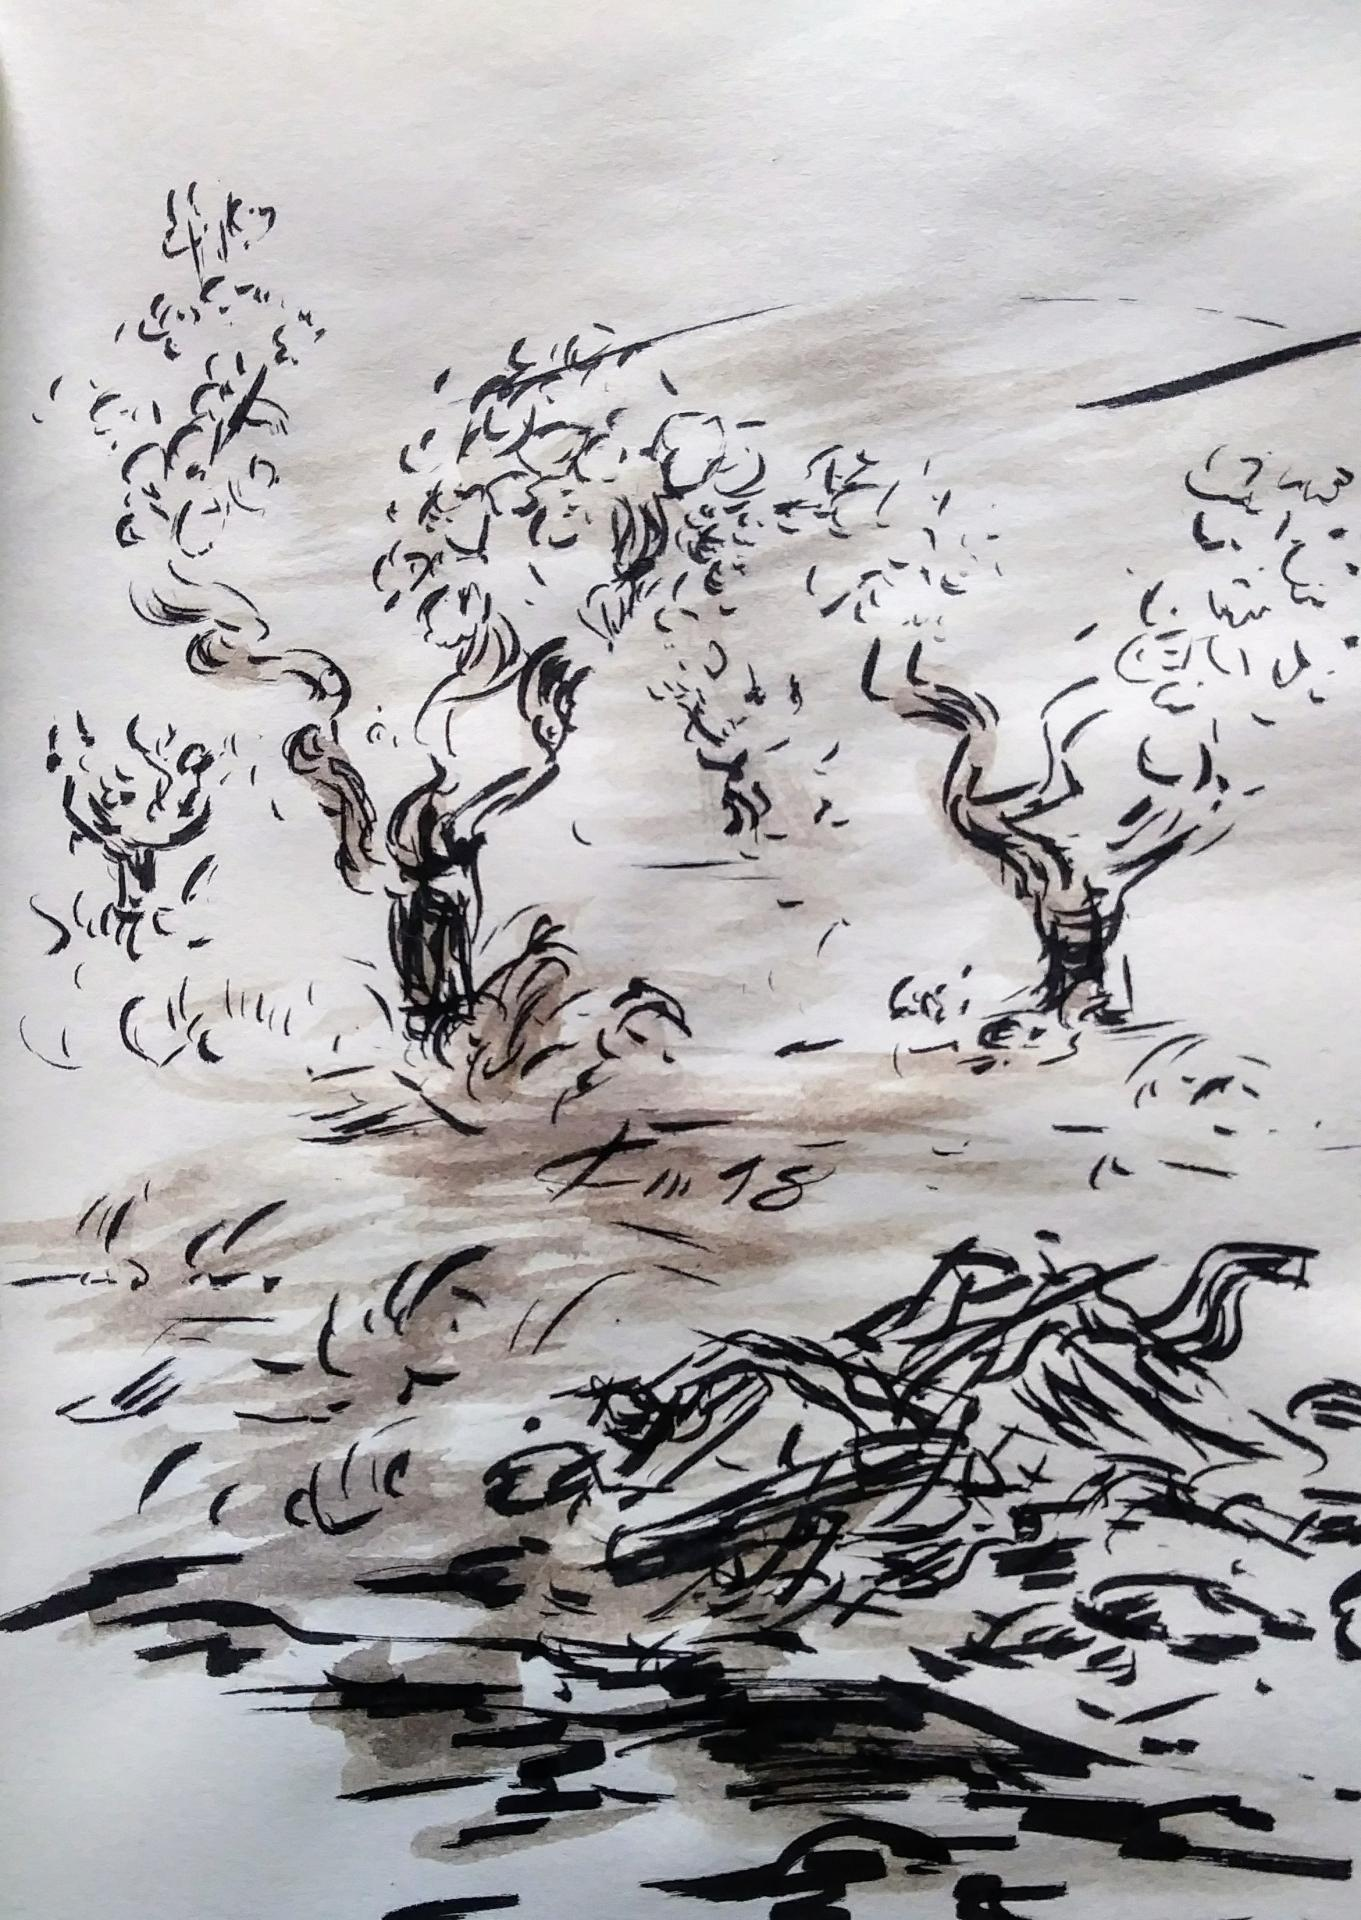 2 Mai 2018, évangile du jour illustré par un dessin au lavis